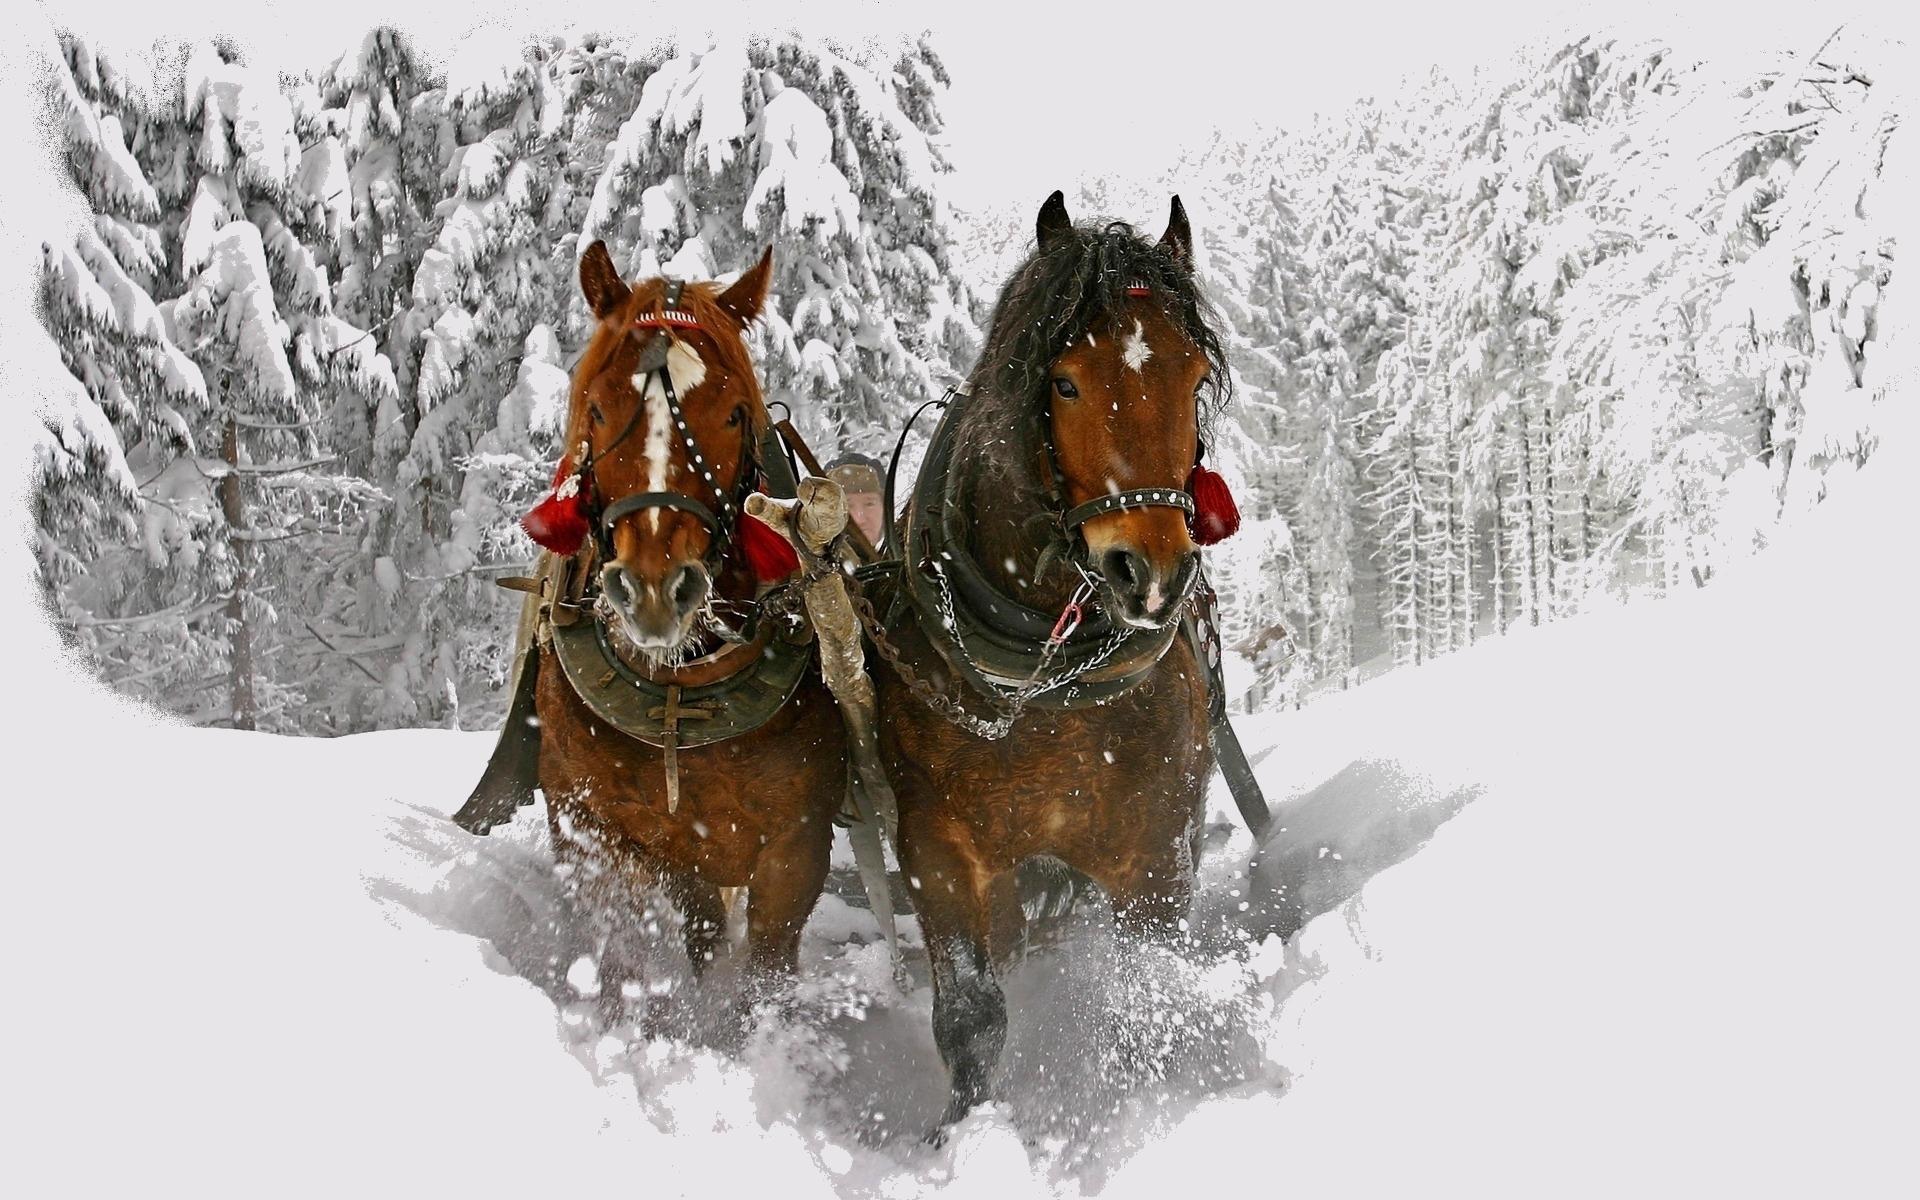 23869 скачать обои Лошади, Животные, Зима, Снег - заставки и картинки бесплатно